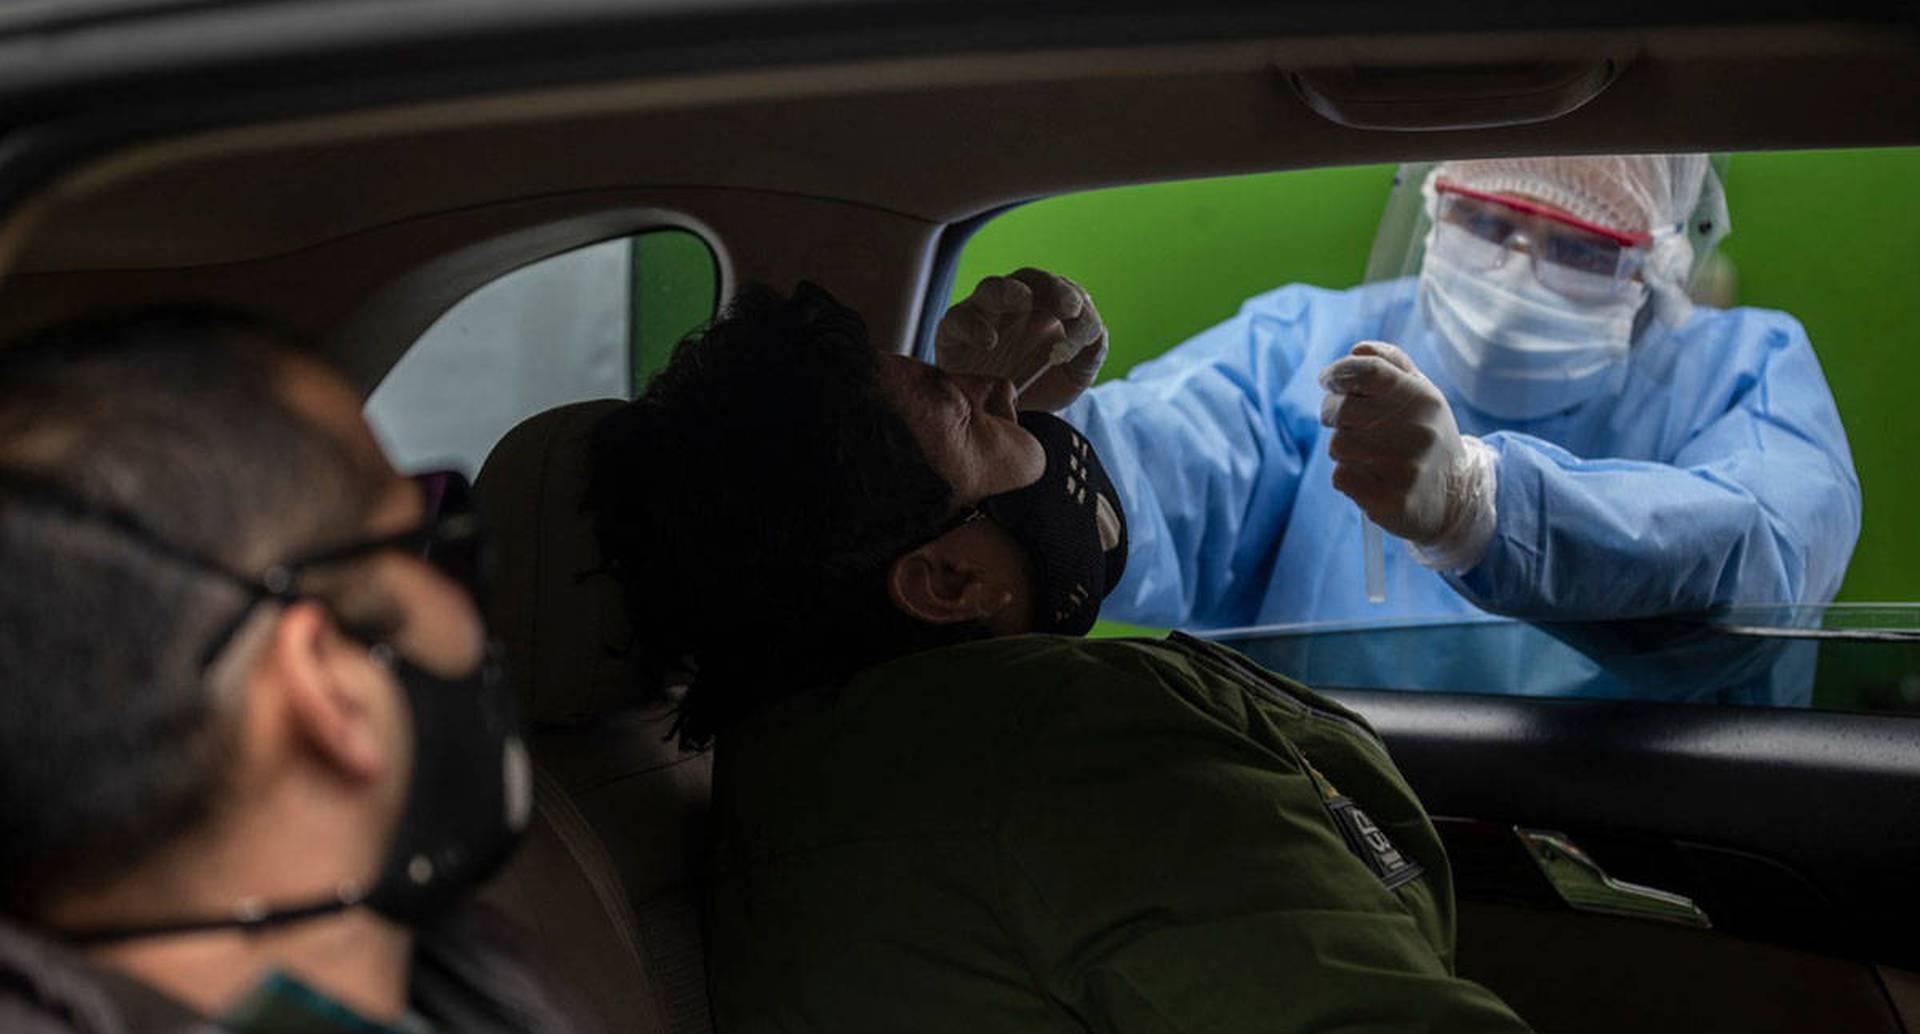 El Drive Thru es un punto de toma de muestras para covid-19 que funciona al norte Bogotá. Lo práctico de este servicio es que el exámen se toma desde la comodidad del vehículo del paciente. Foto: Esteban Vega La Rotta / SEMANA.